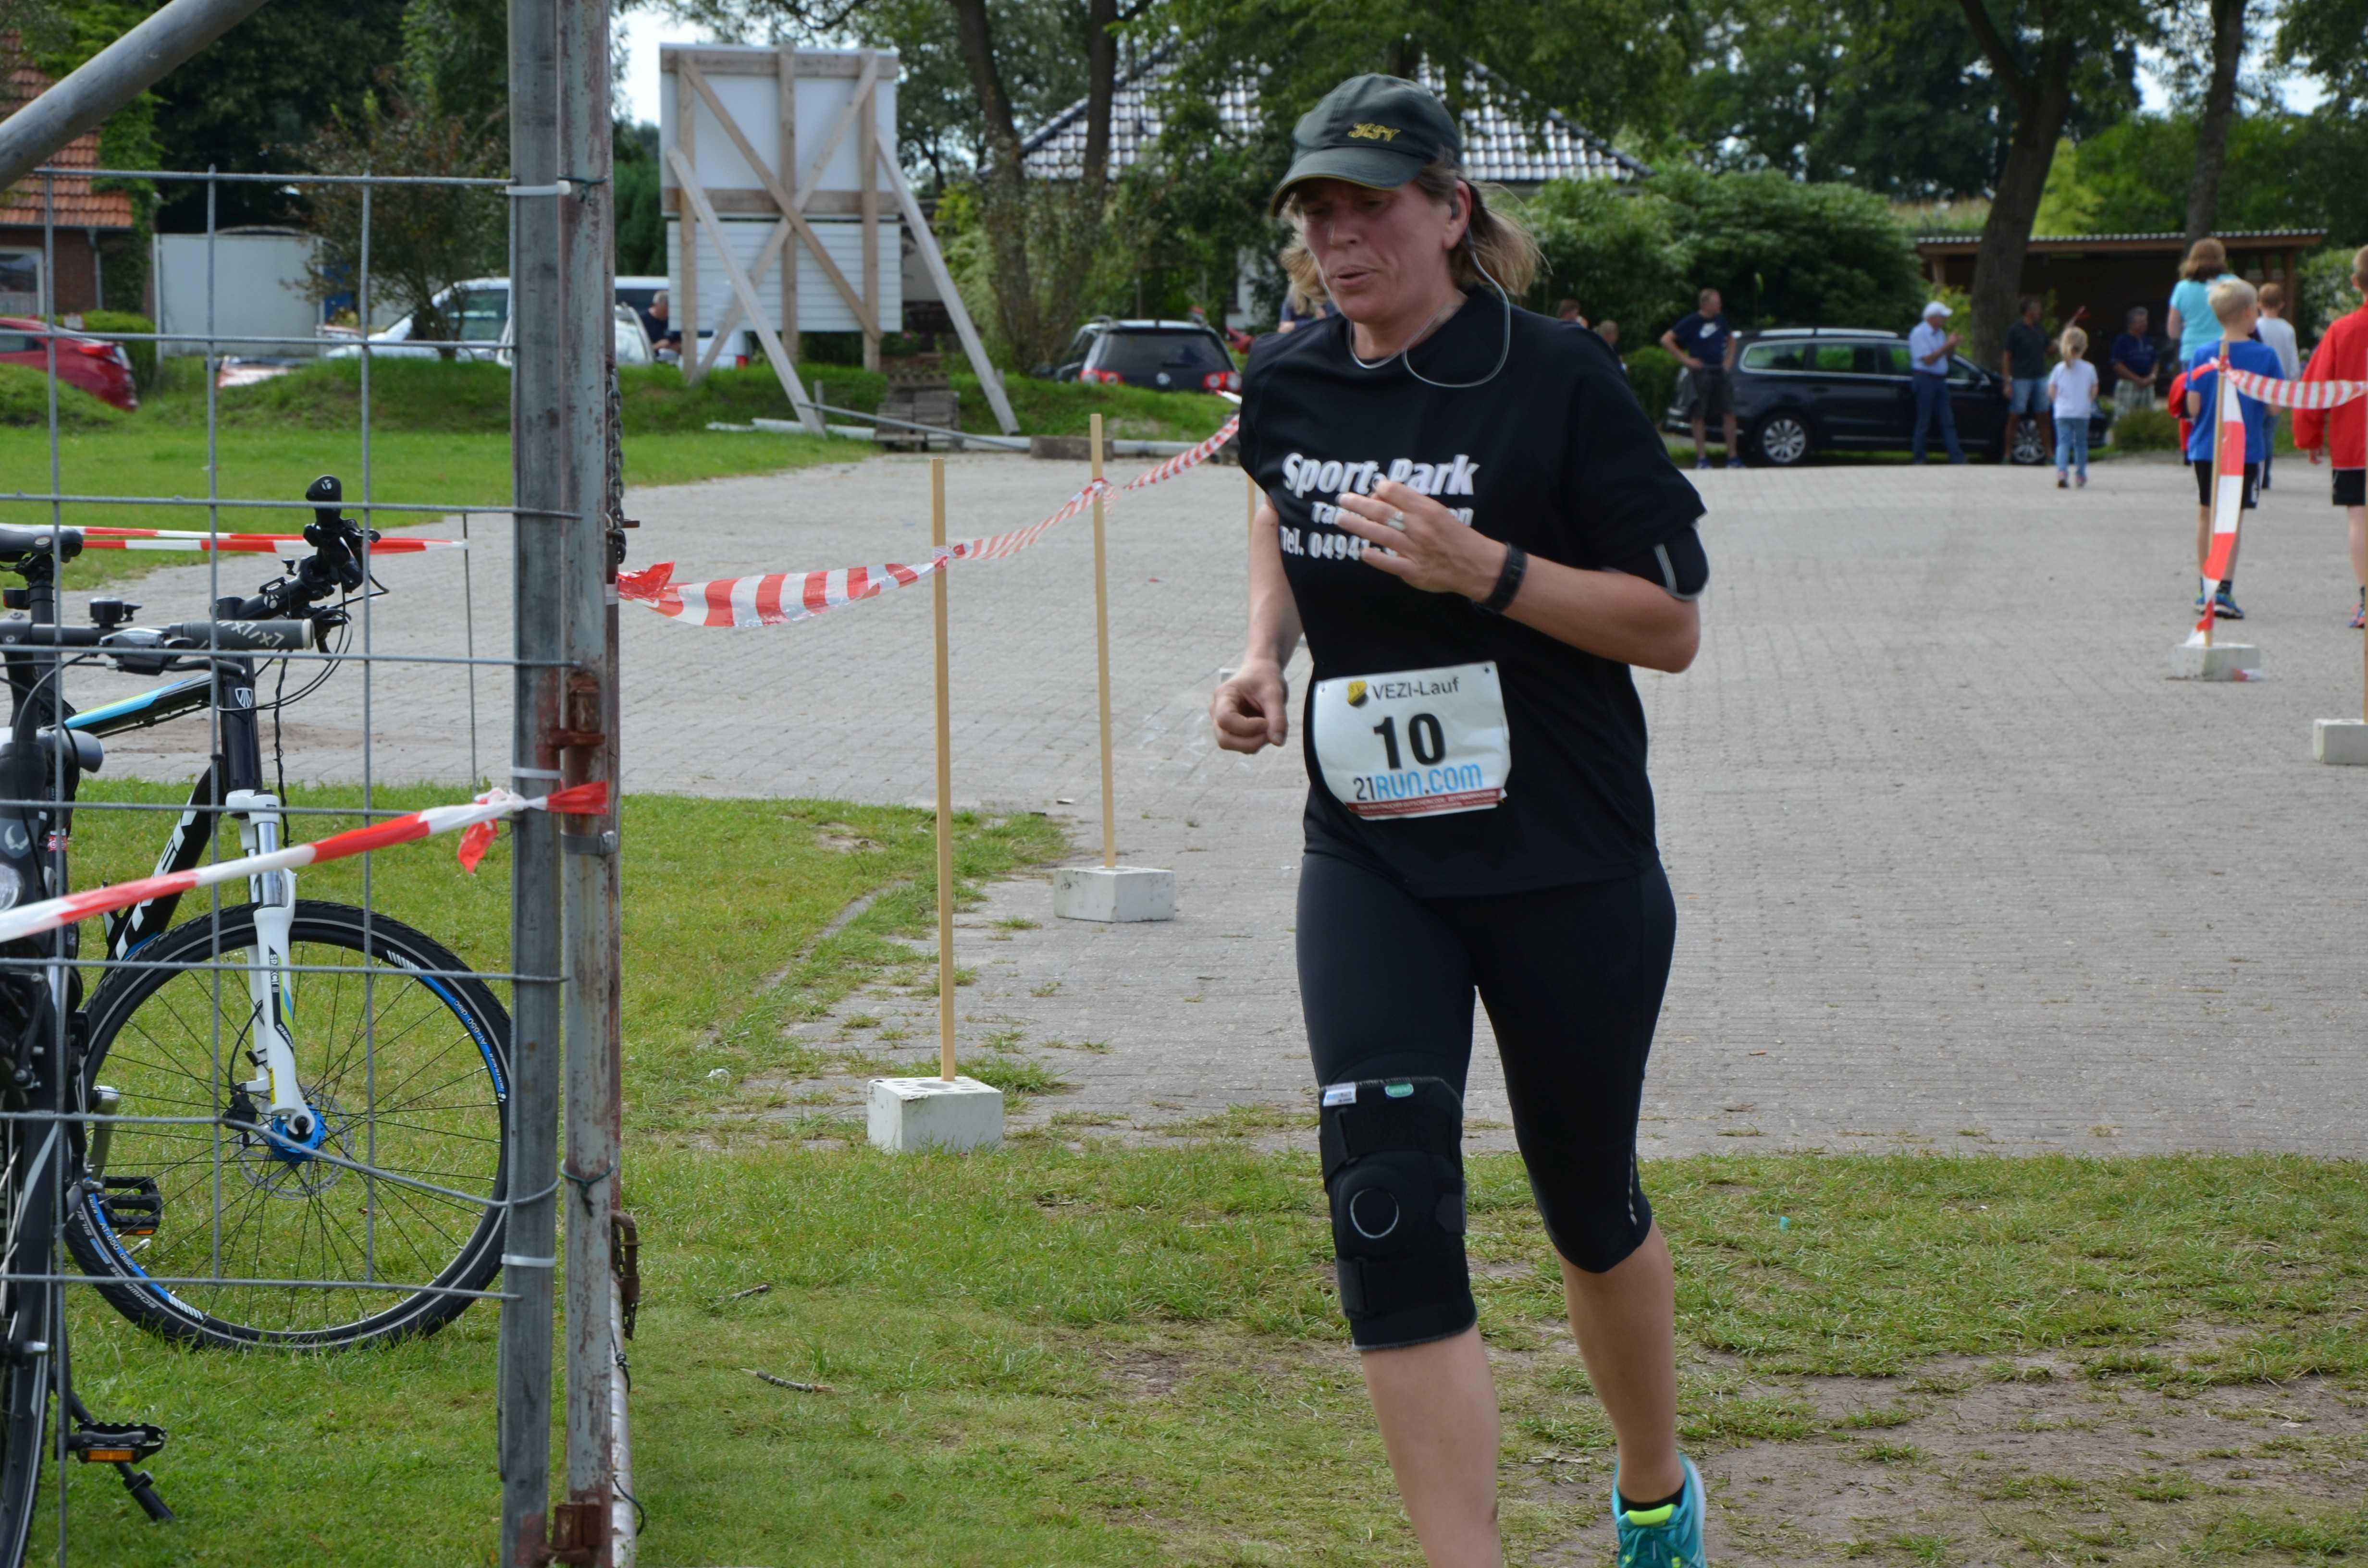 2017-08-05 Vezi Lauf (20)